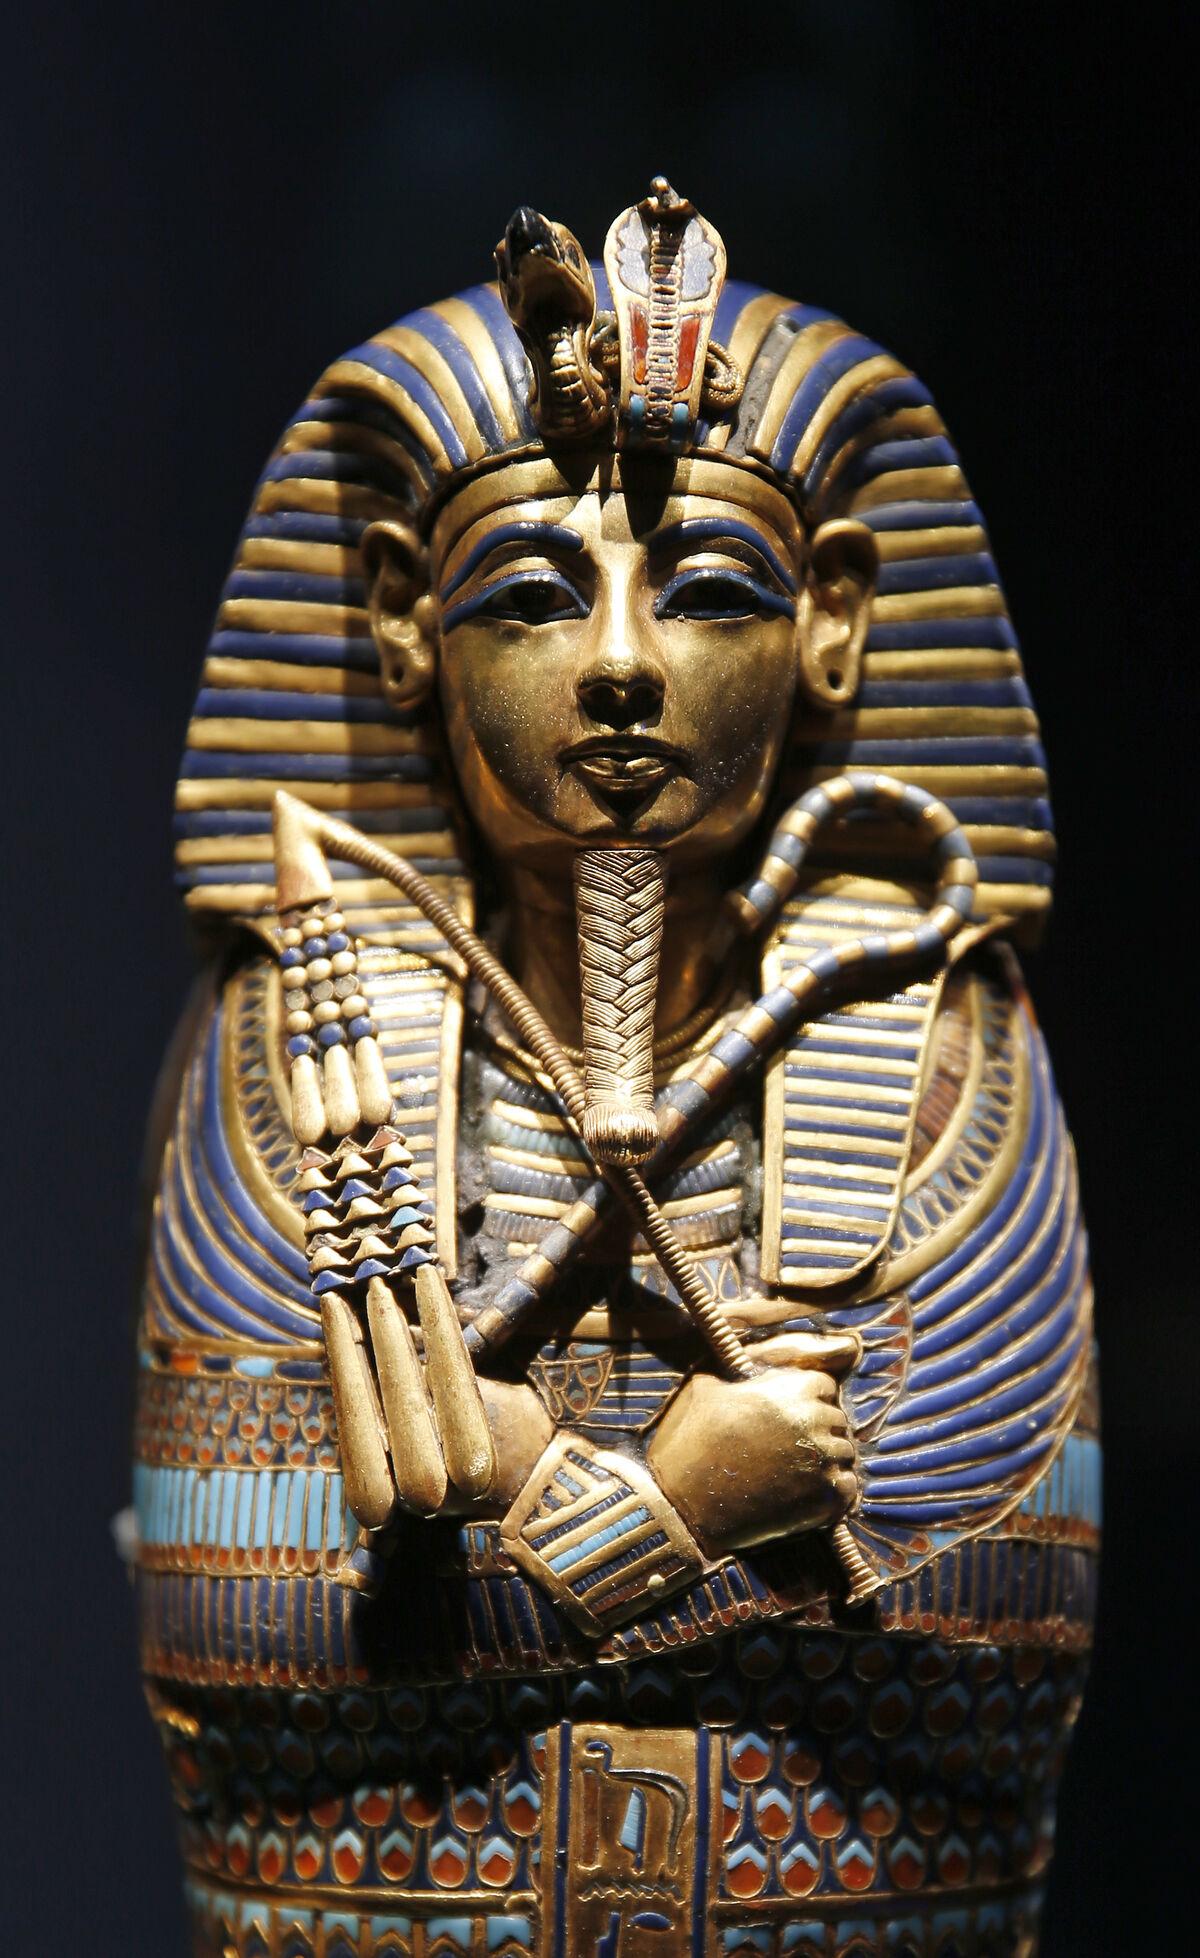 """El ataúd de Tutankamón dedicado a Imseti e Isis se exhibe durante la exposición """"Tutankamón: Tesoros del faraón dorado"""" que se celebró en el Gran Halle de La Villette.  Foto de Chesnot / Getty Images."""